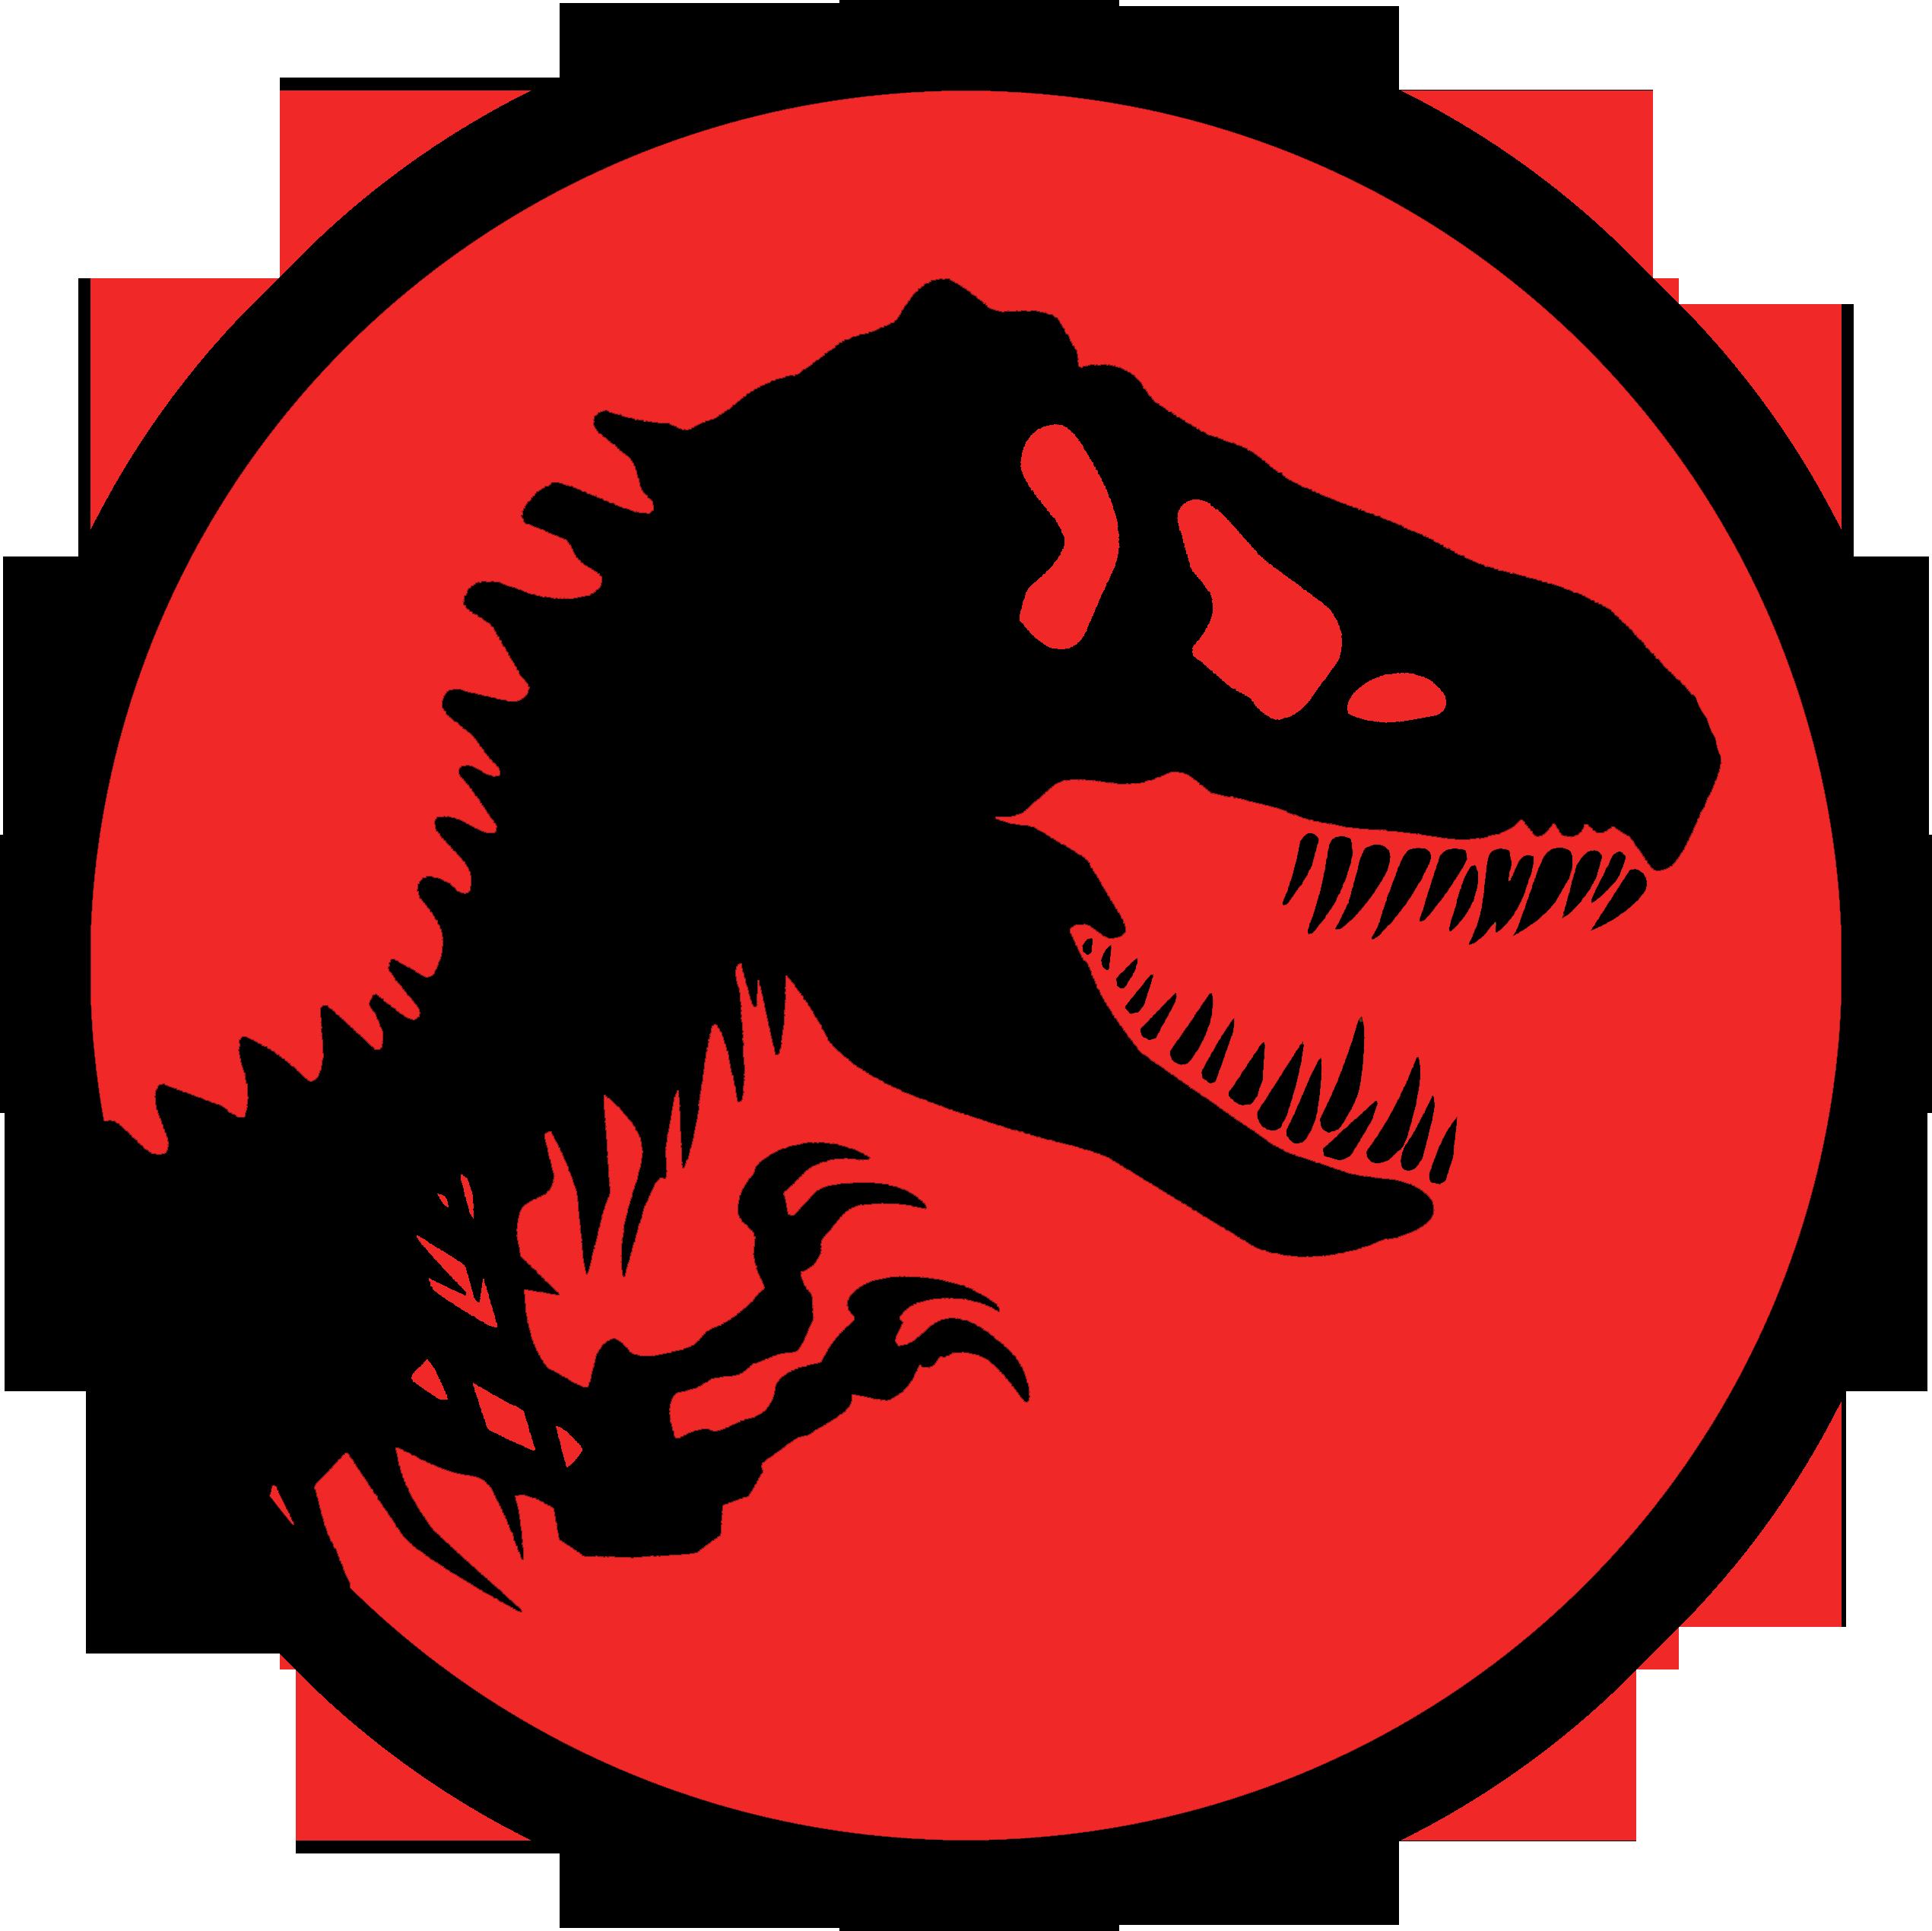 png transparent download Jurassic Park